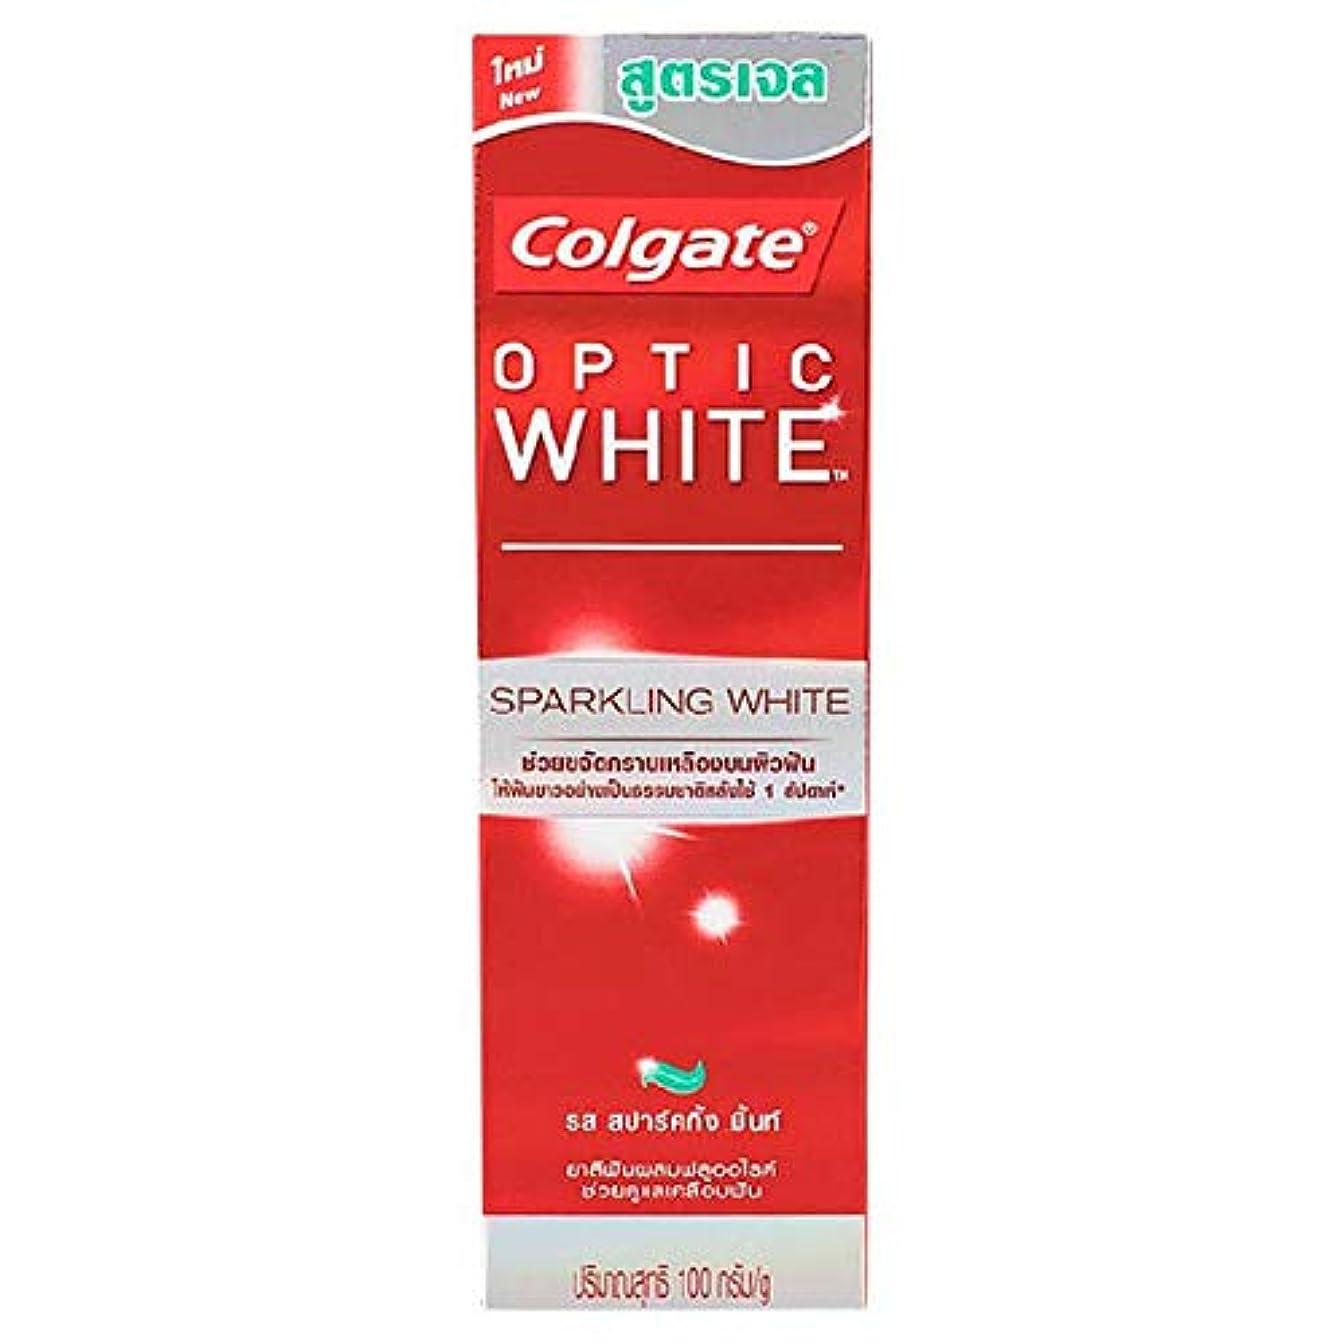 忠実人に関する限りダム(コルゲート)Colgate 歯磨き粉 「オプティック ホワイト 」 (スパークリングホワイト)